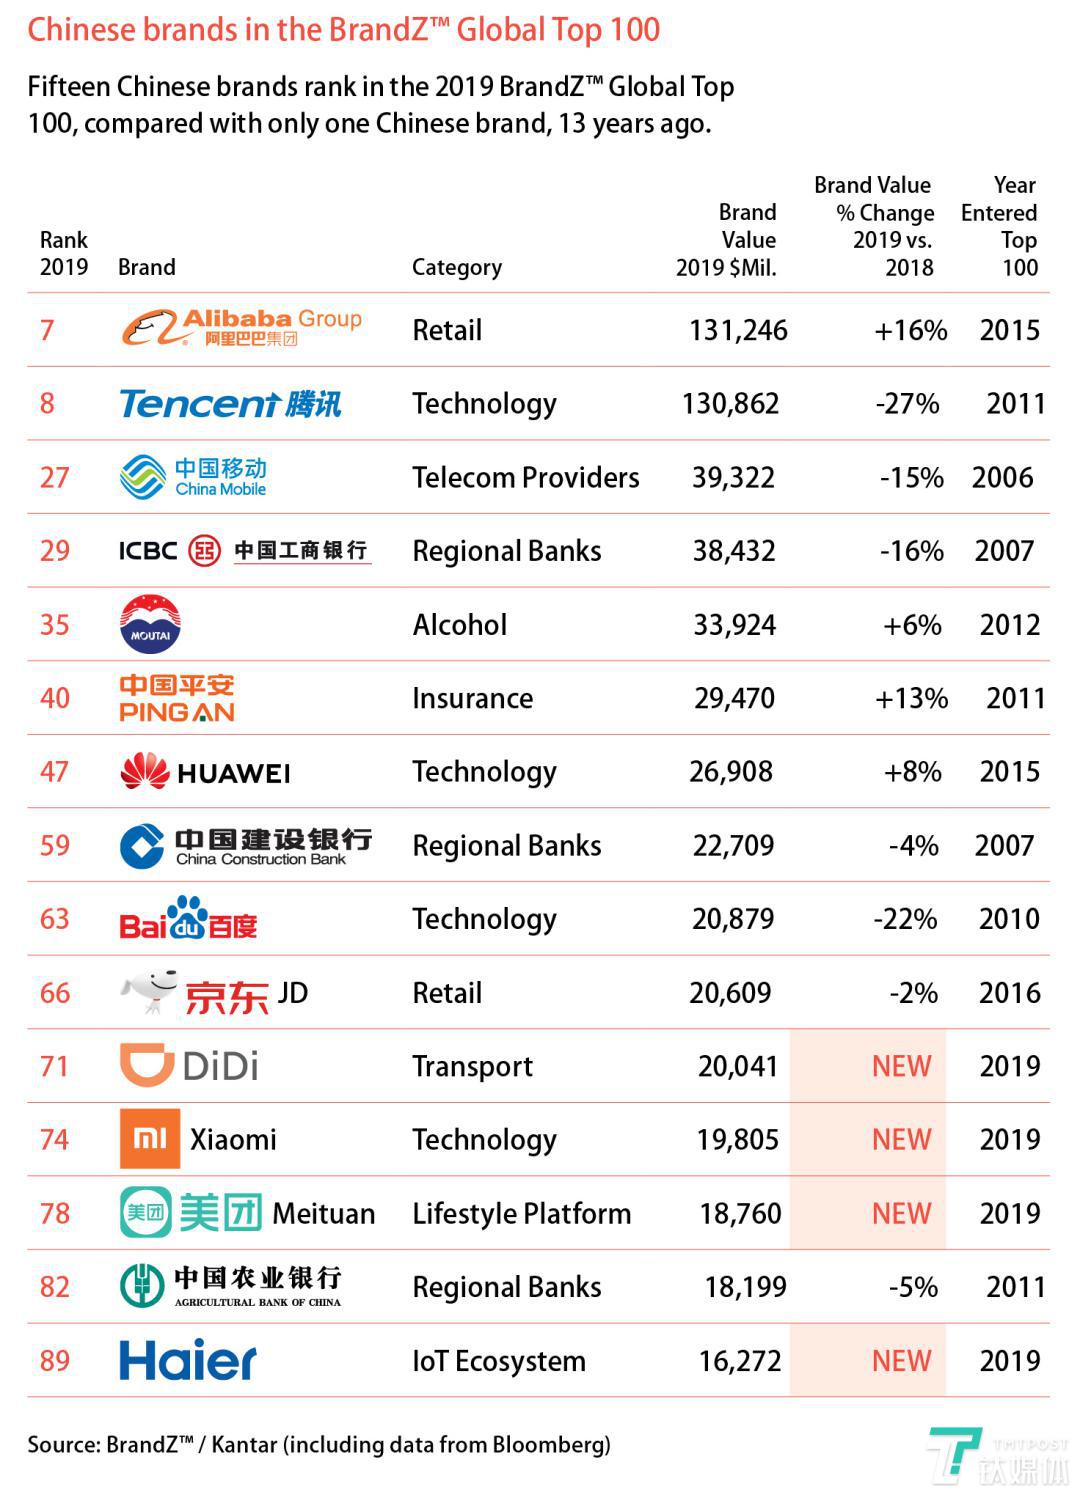 中国共有15个品牌入榜,其中阿里巴巴和腾讯分别位列第7位和第8位,海尔、滴滴、美团和小米新入榜。